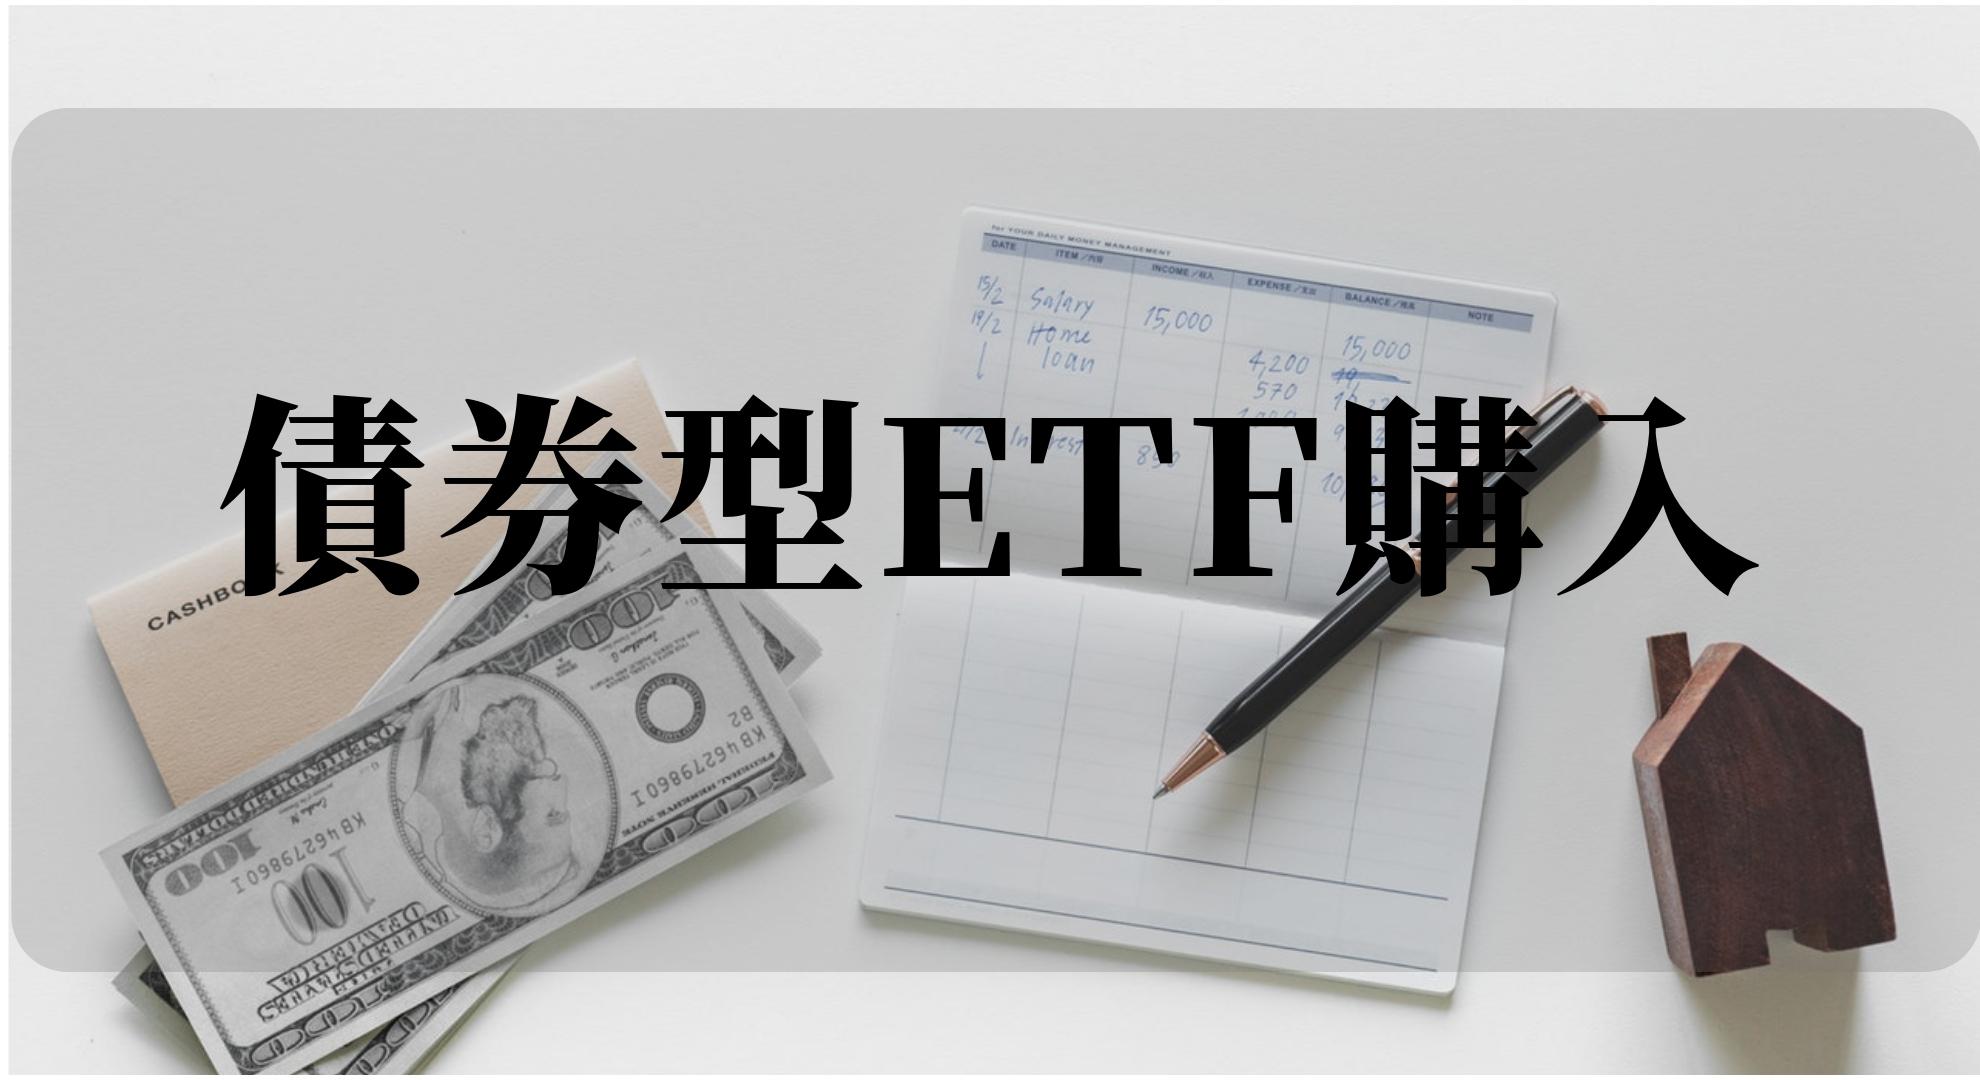 【資産運用】米国株口座にある1万ドルで債券型ETFを購入する